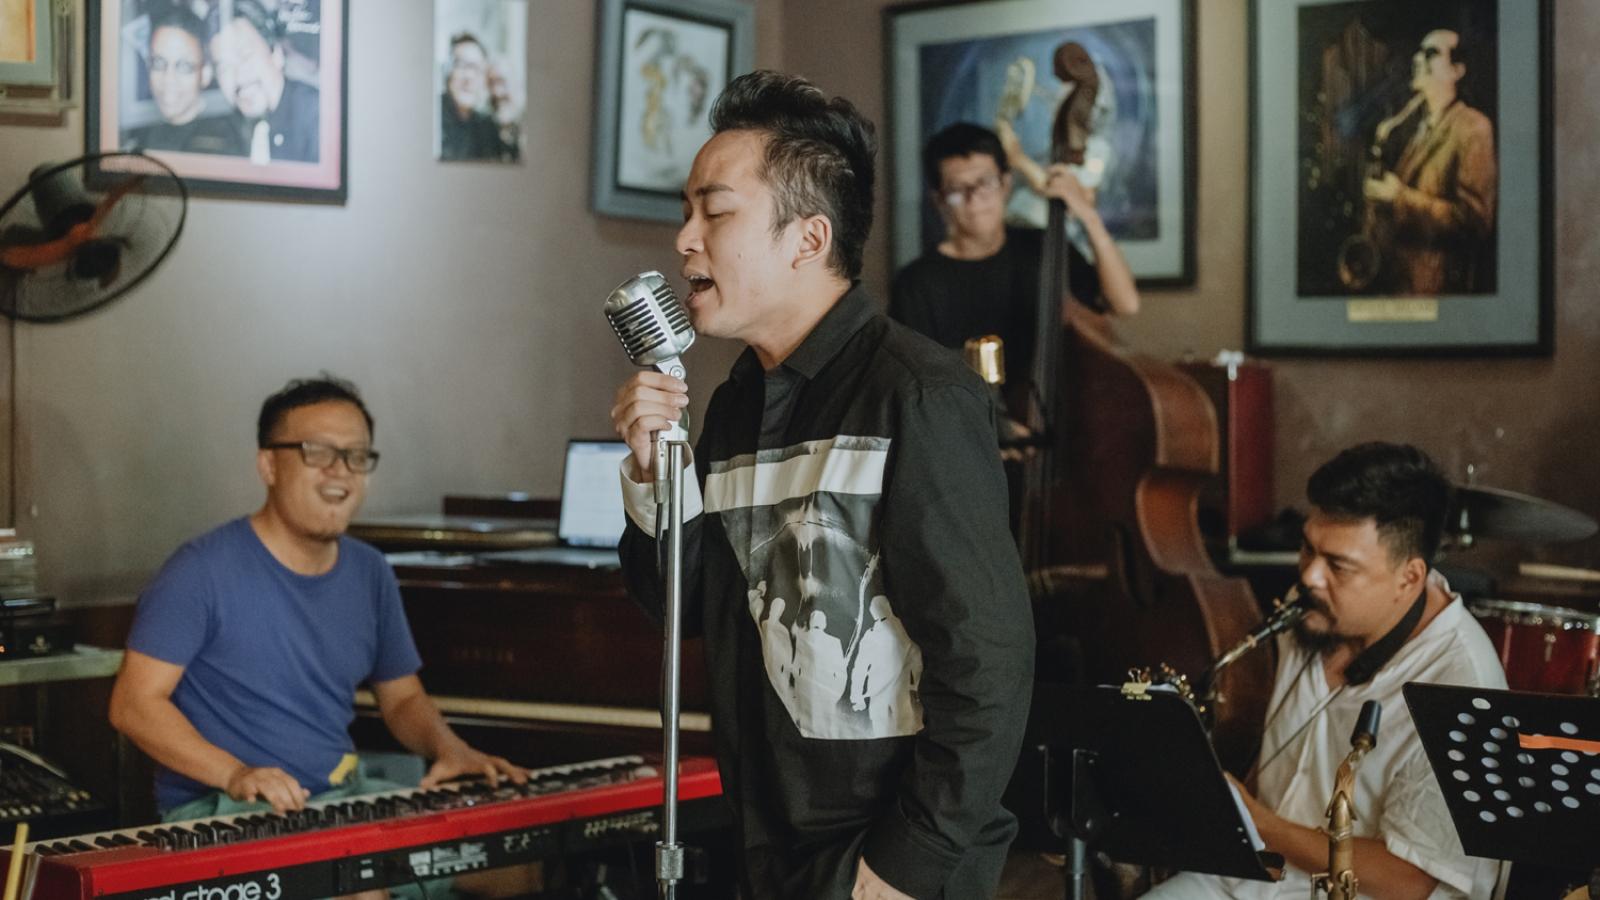 Concert Tuấn Nam Jazz buộc phải dời ngày diễn, Bùi Lan Hương vắng mặt